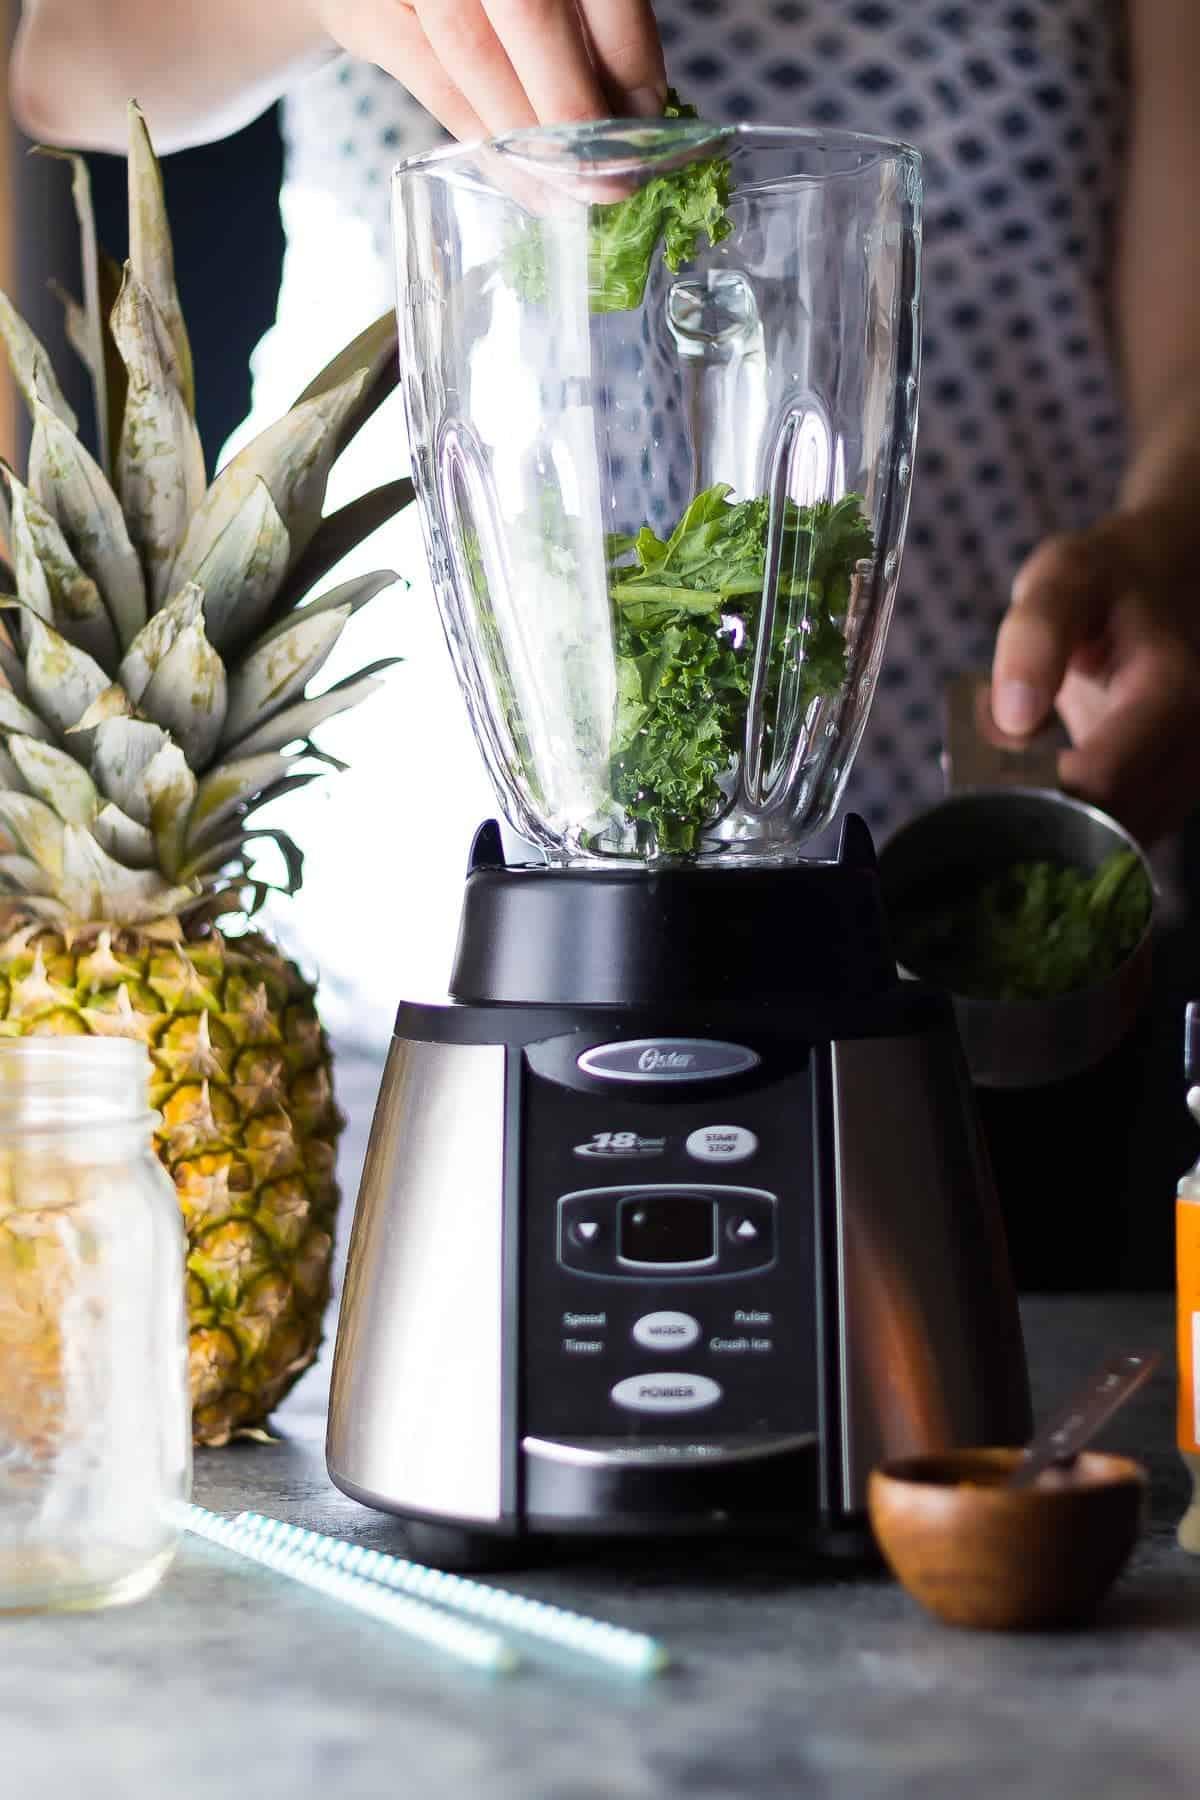 Anti-Inflammatory Turmeric Smoothie with Pineapple. Sugar free, dairy free, vegan.